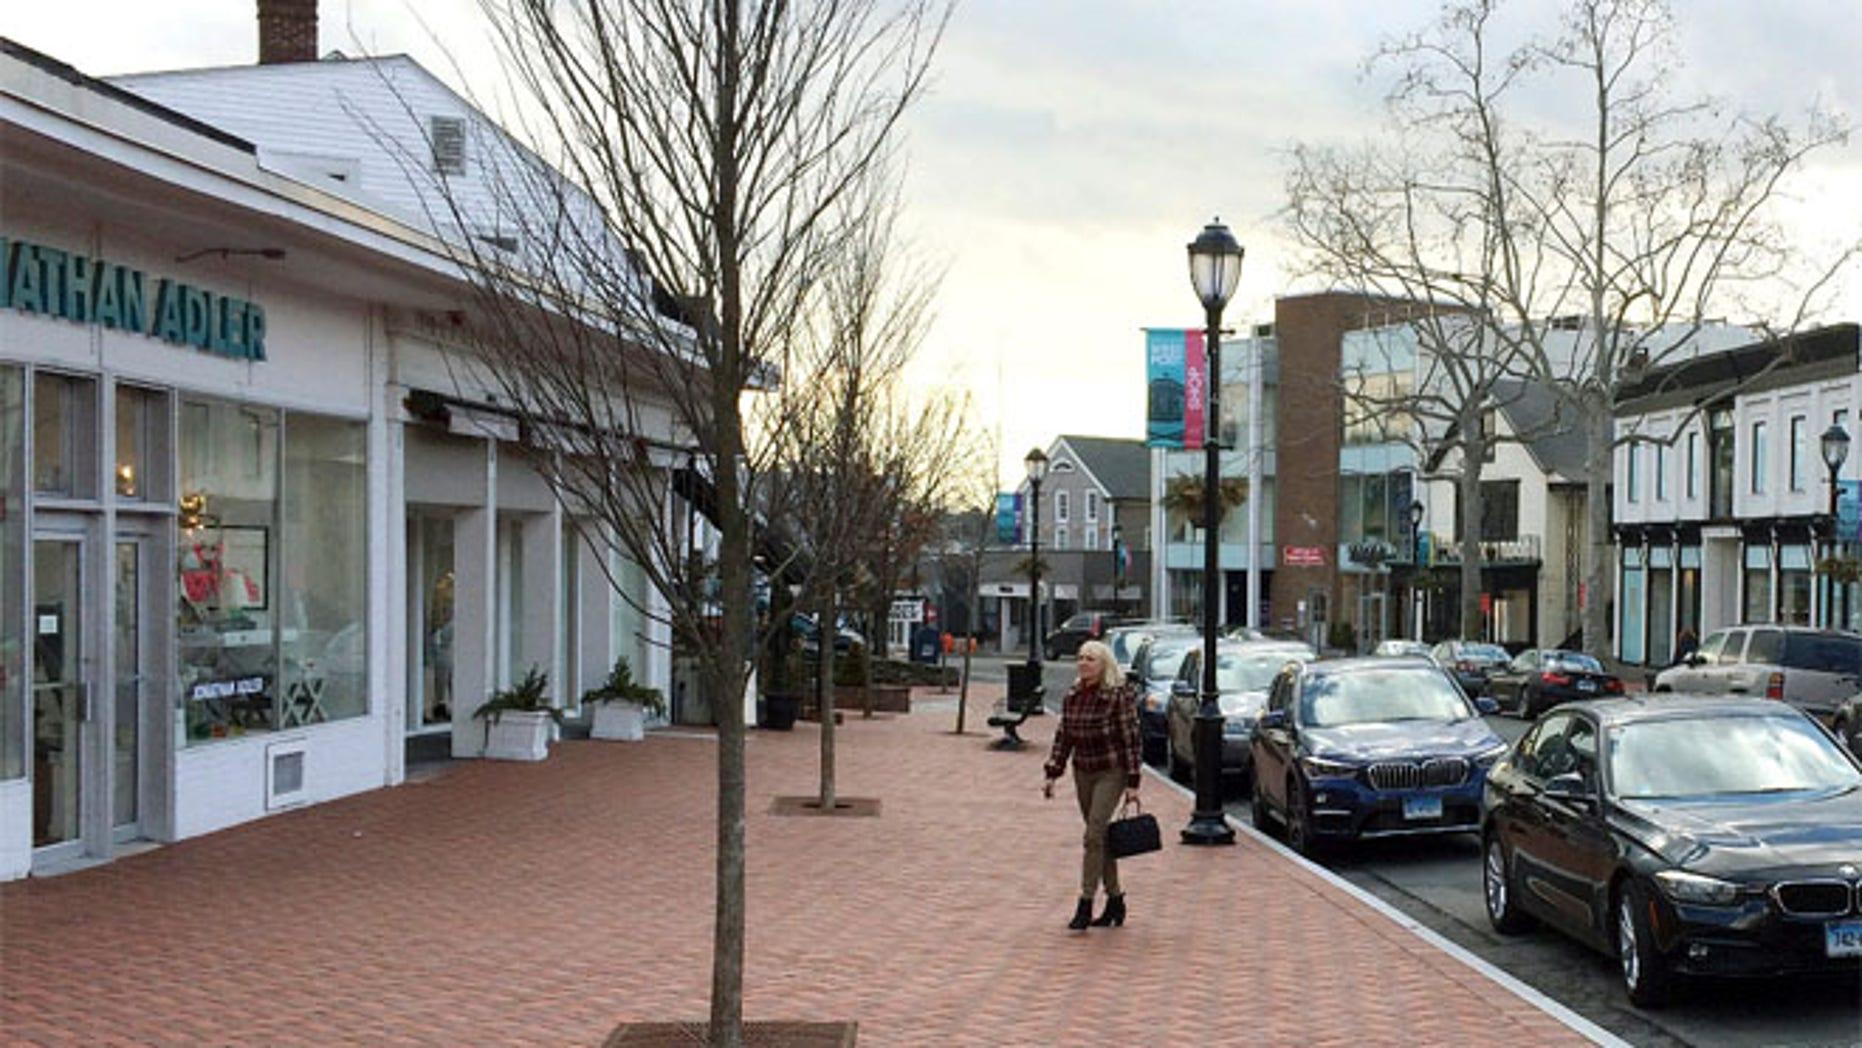 Jan. 26, 2017 photo, a woman walks near shops in downtown Westport, Conn.